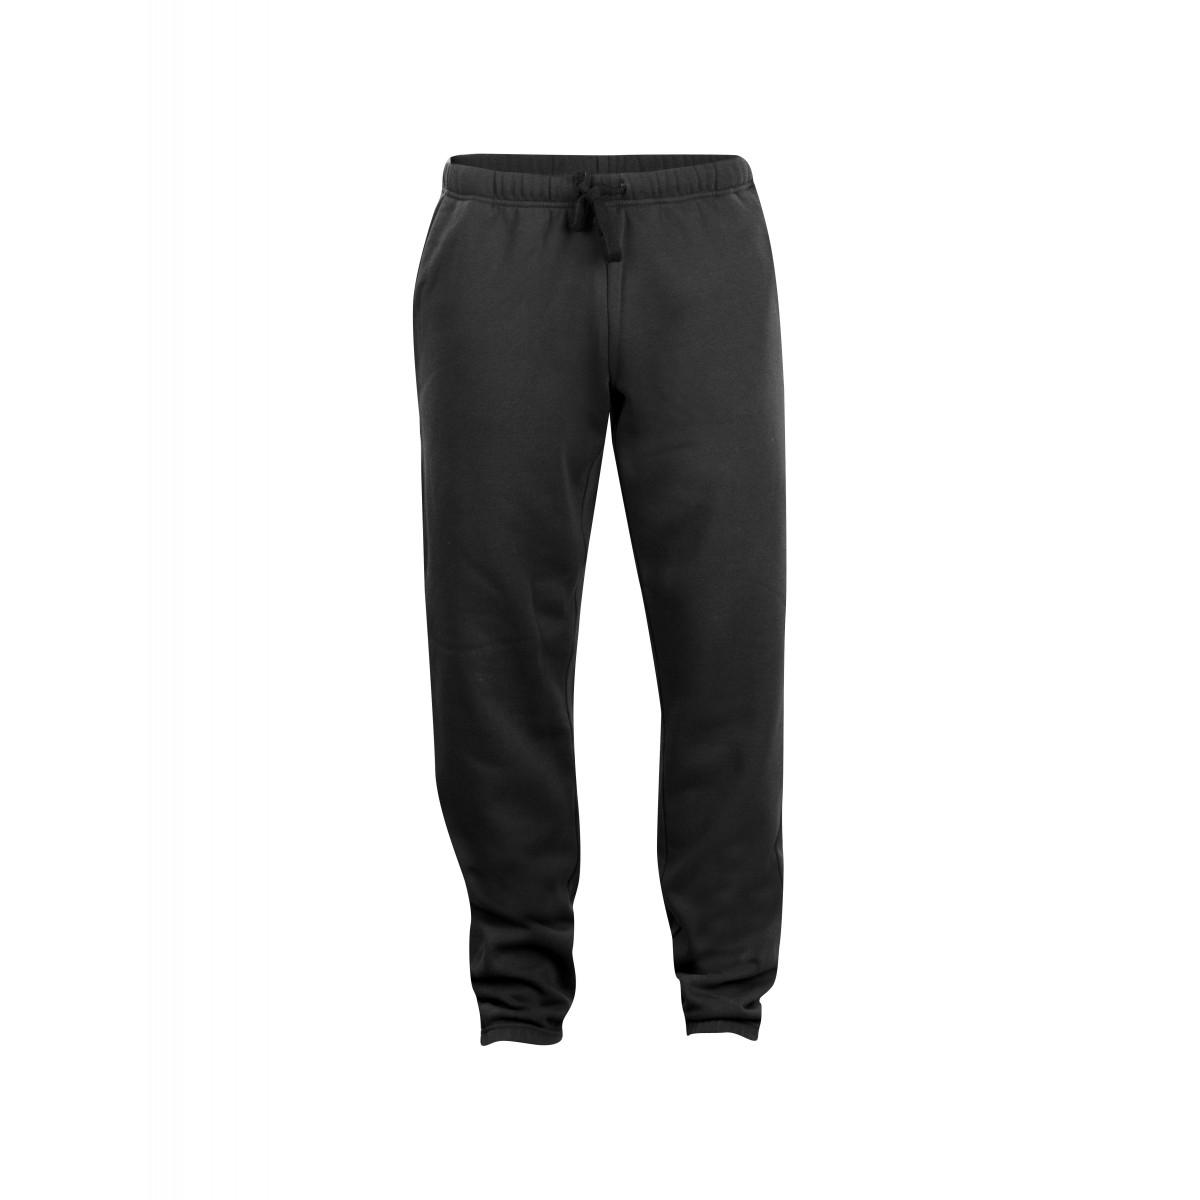 Брюки унисекс 021037 Basic Pants - Черный